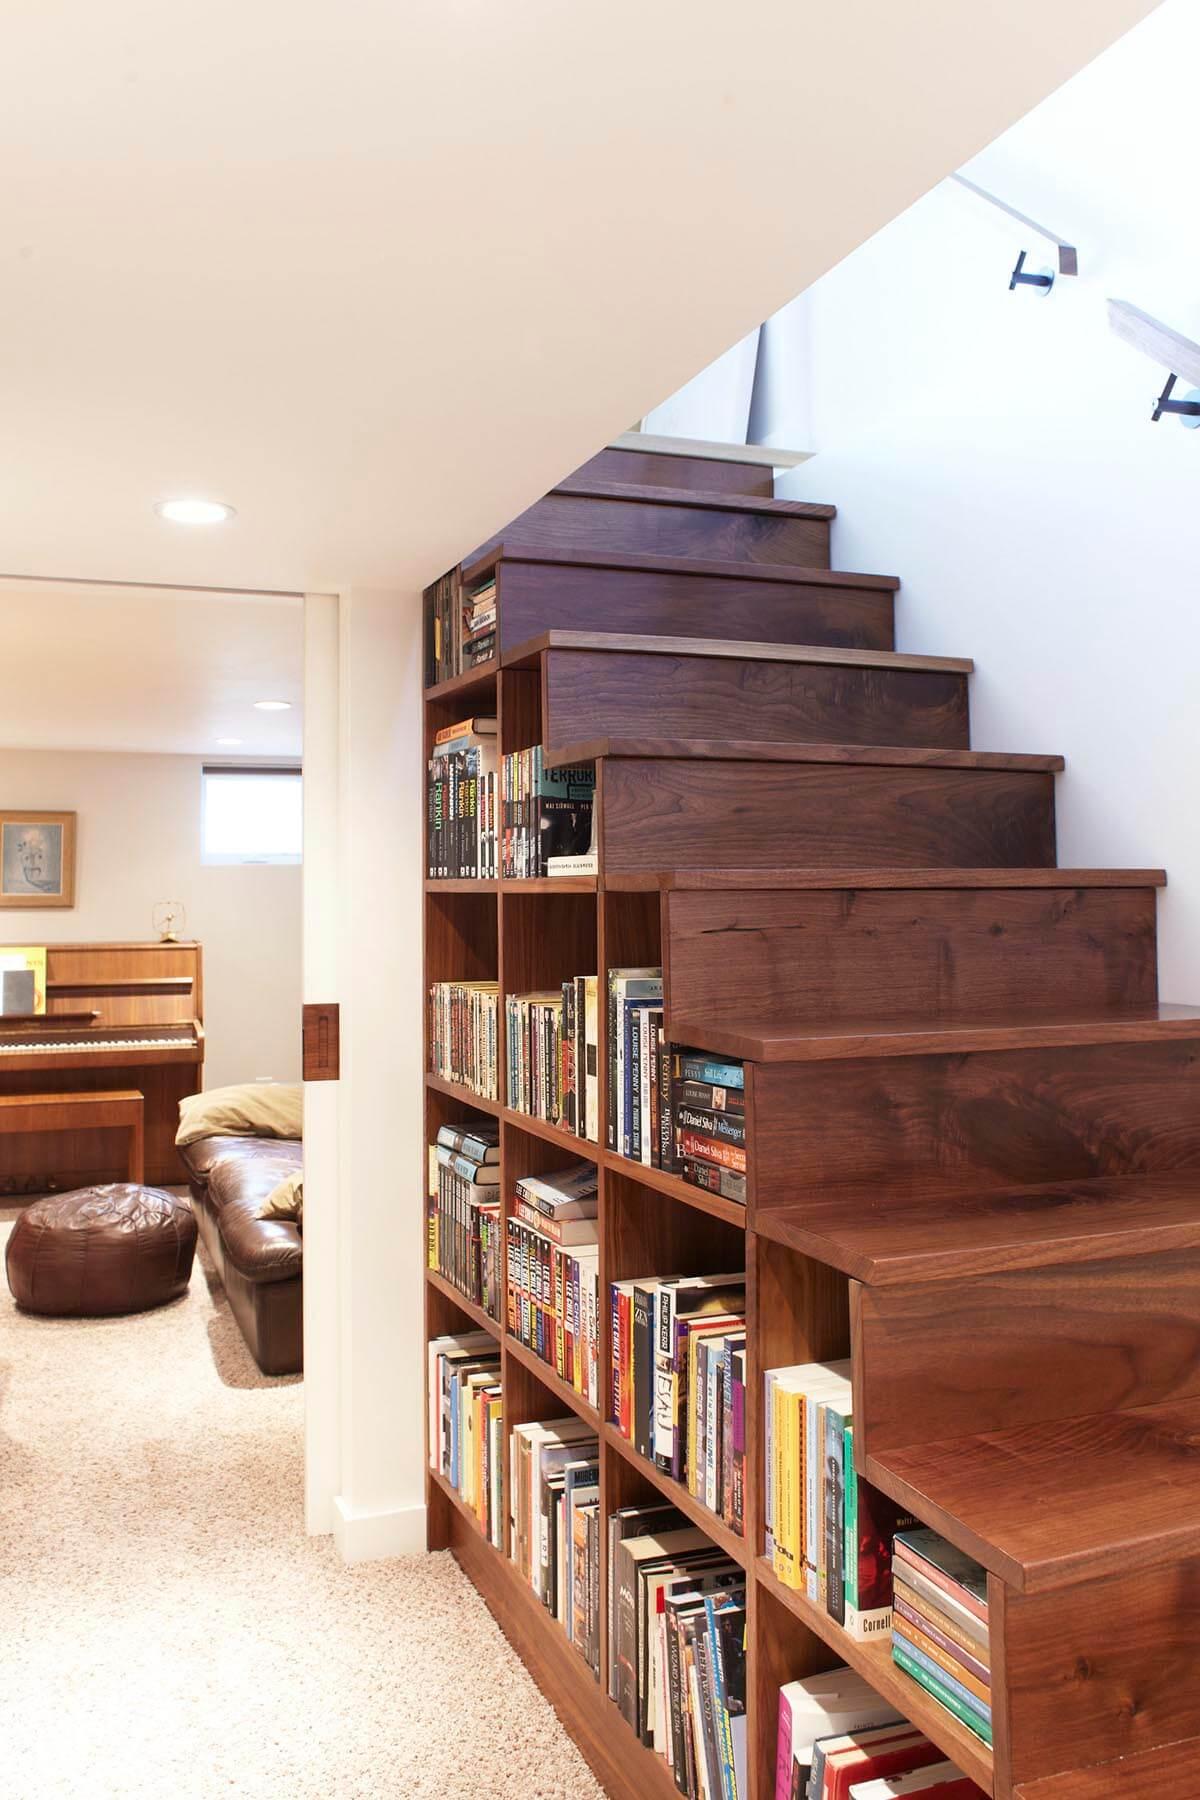 Custom Built-in Bookshelves Maximize Under-stair Space